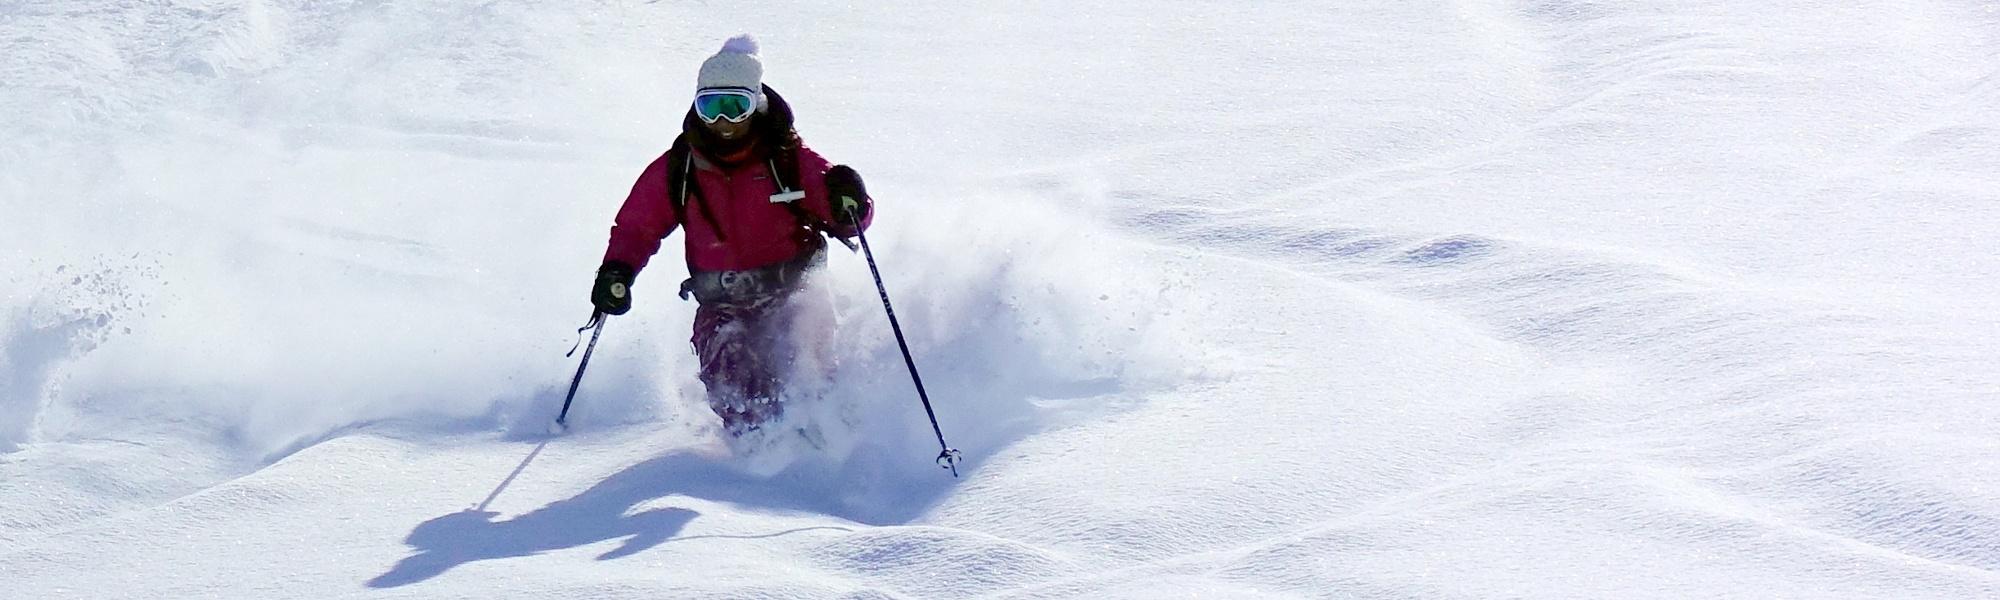 Angie, skie dans la poudreuse